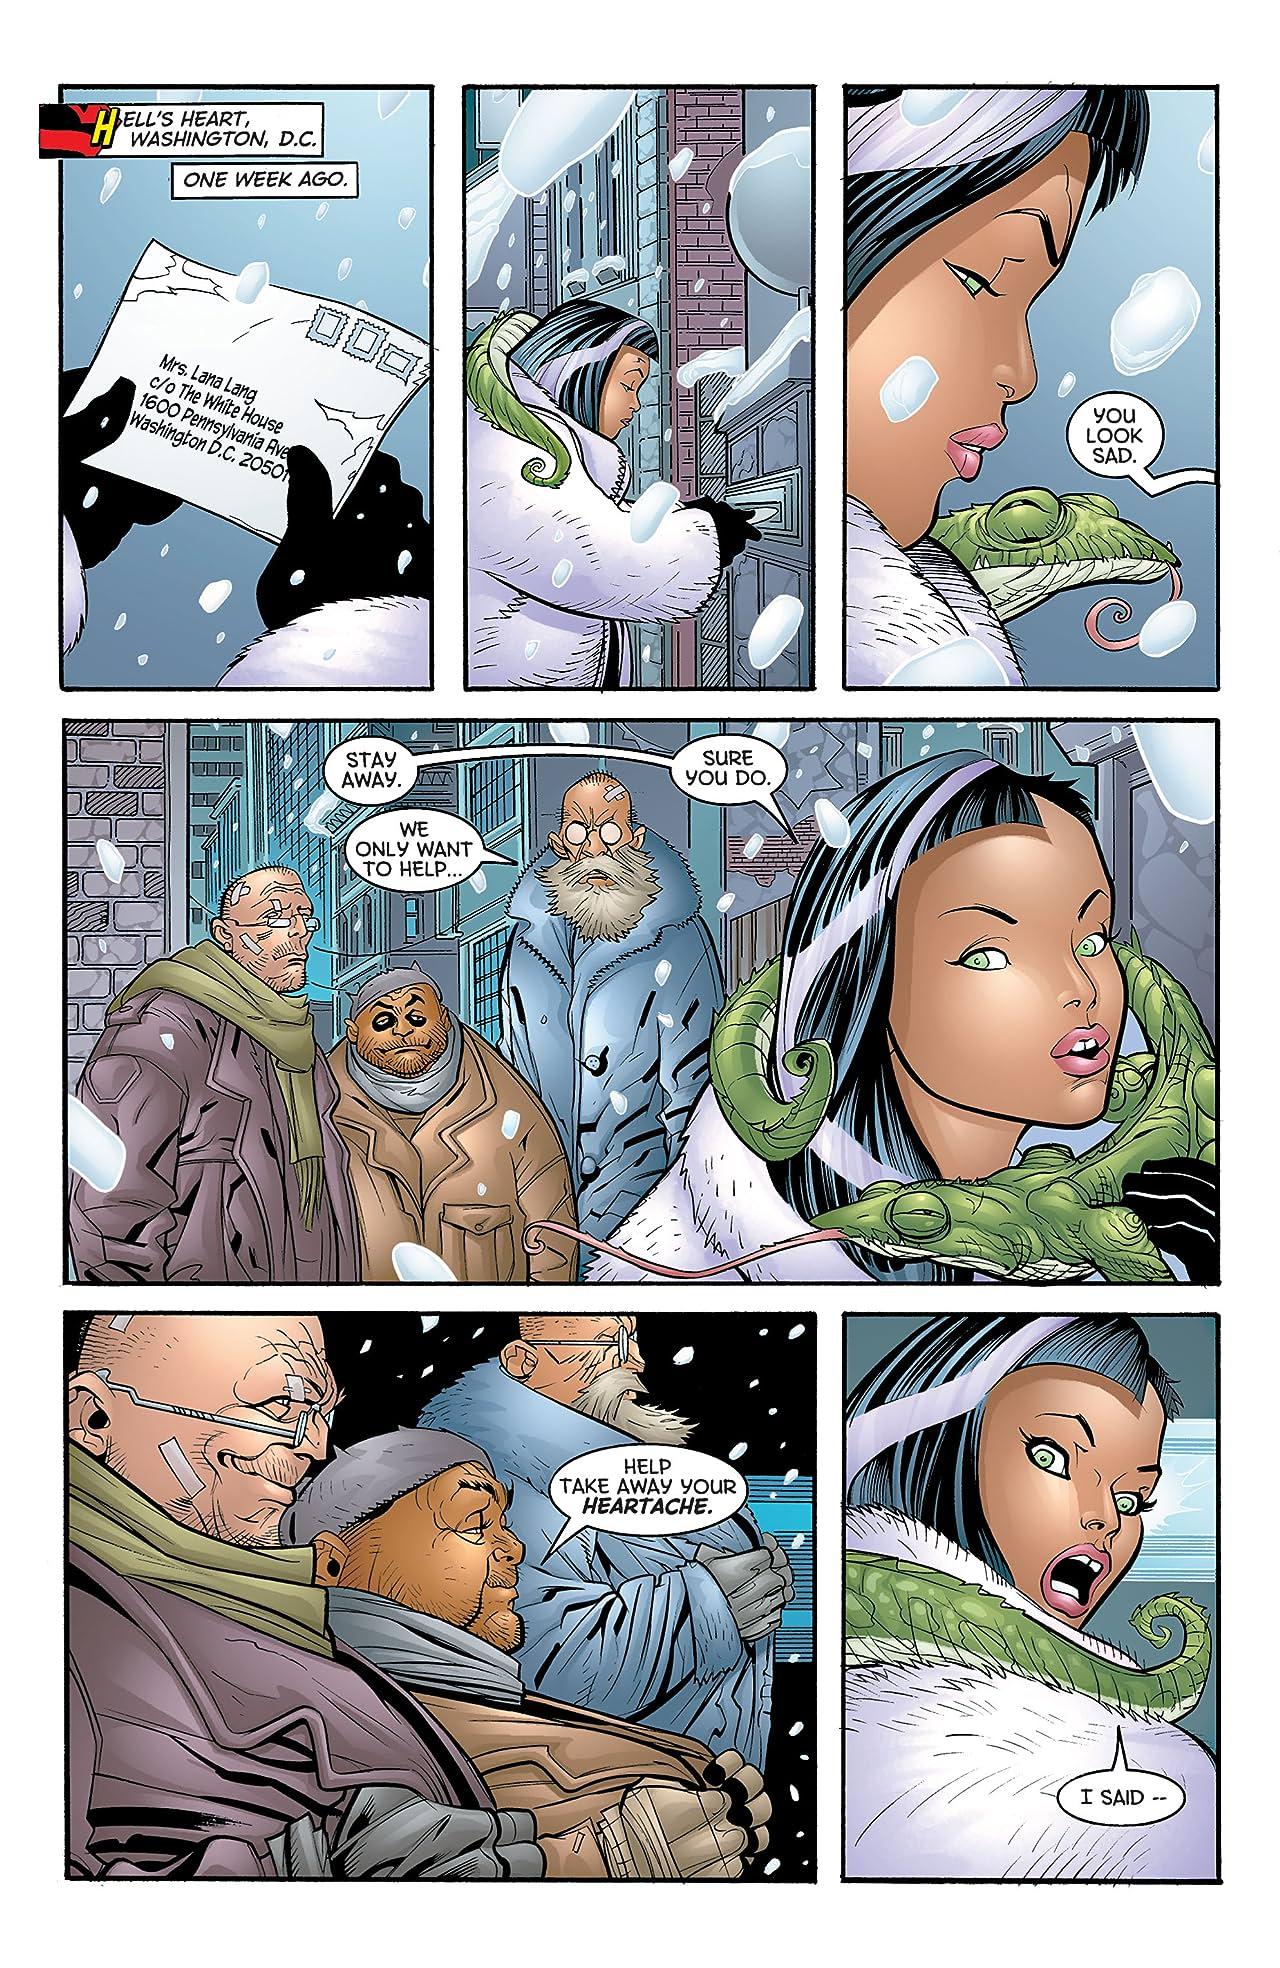 DC Comics Presents: Superman #2